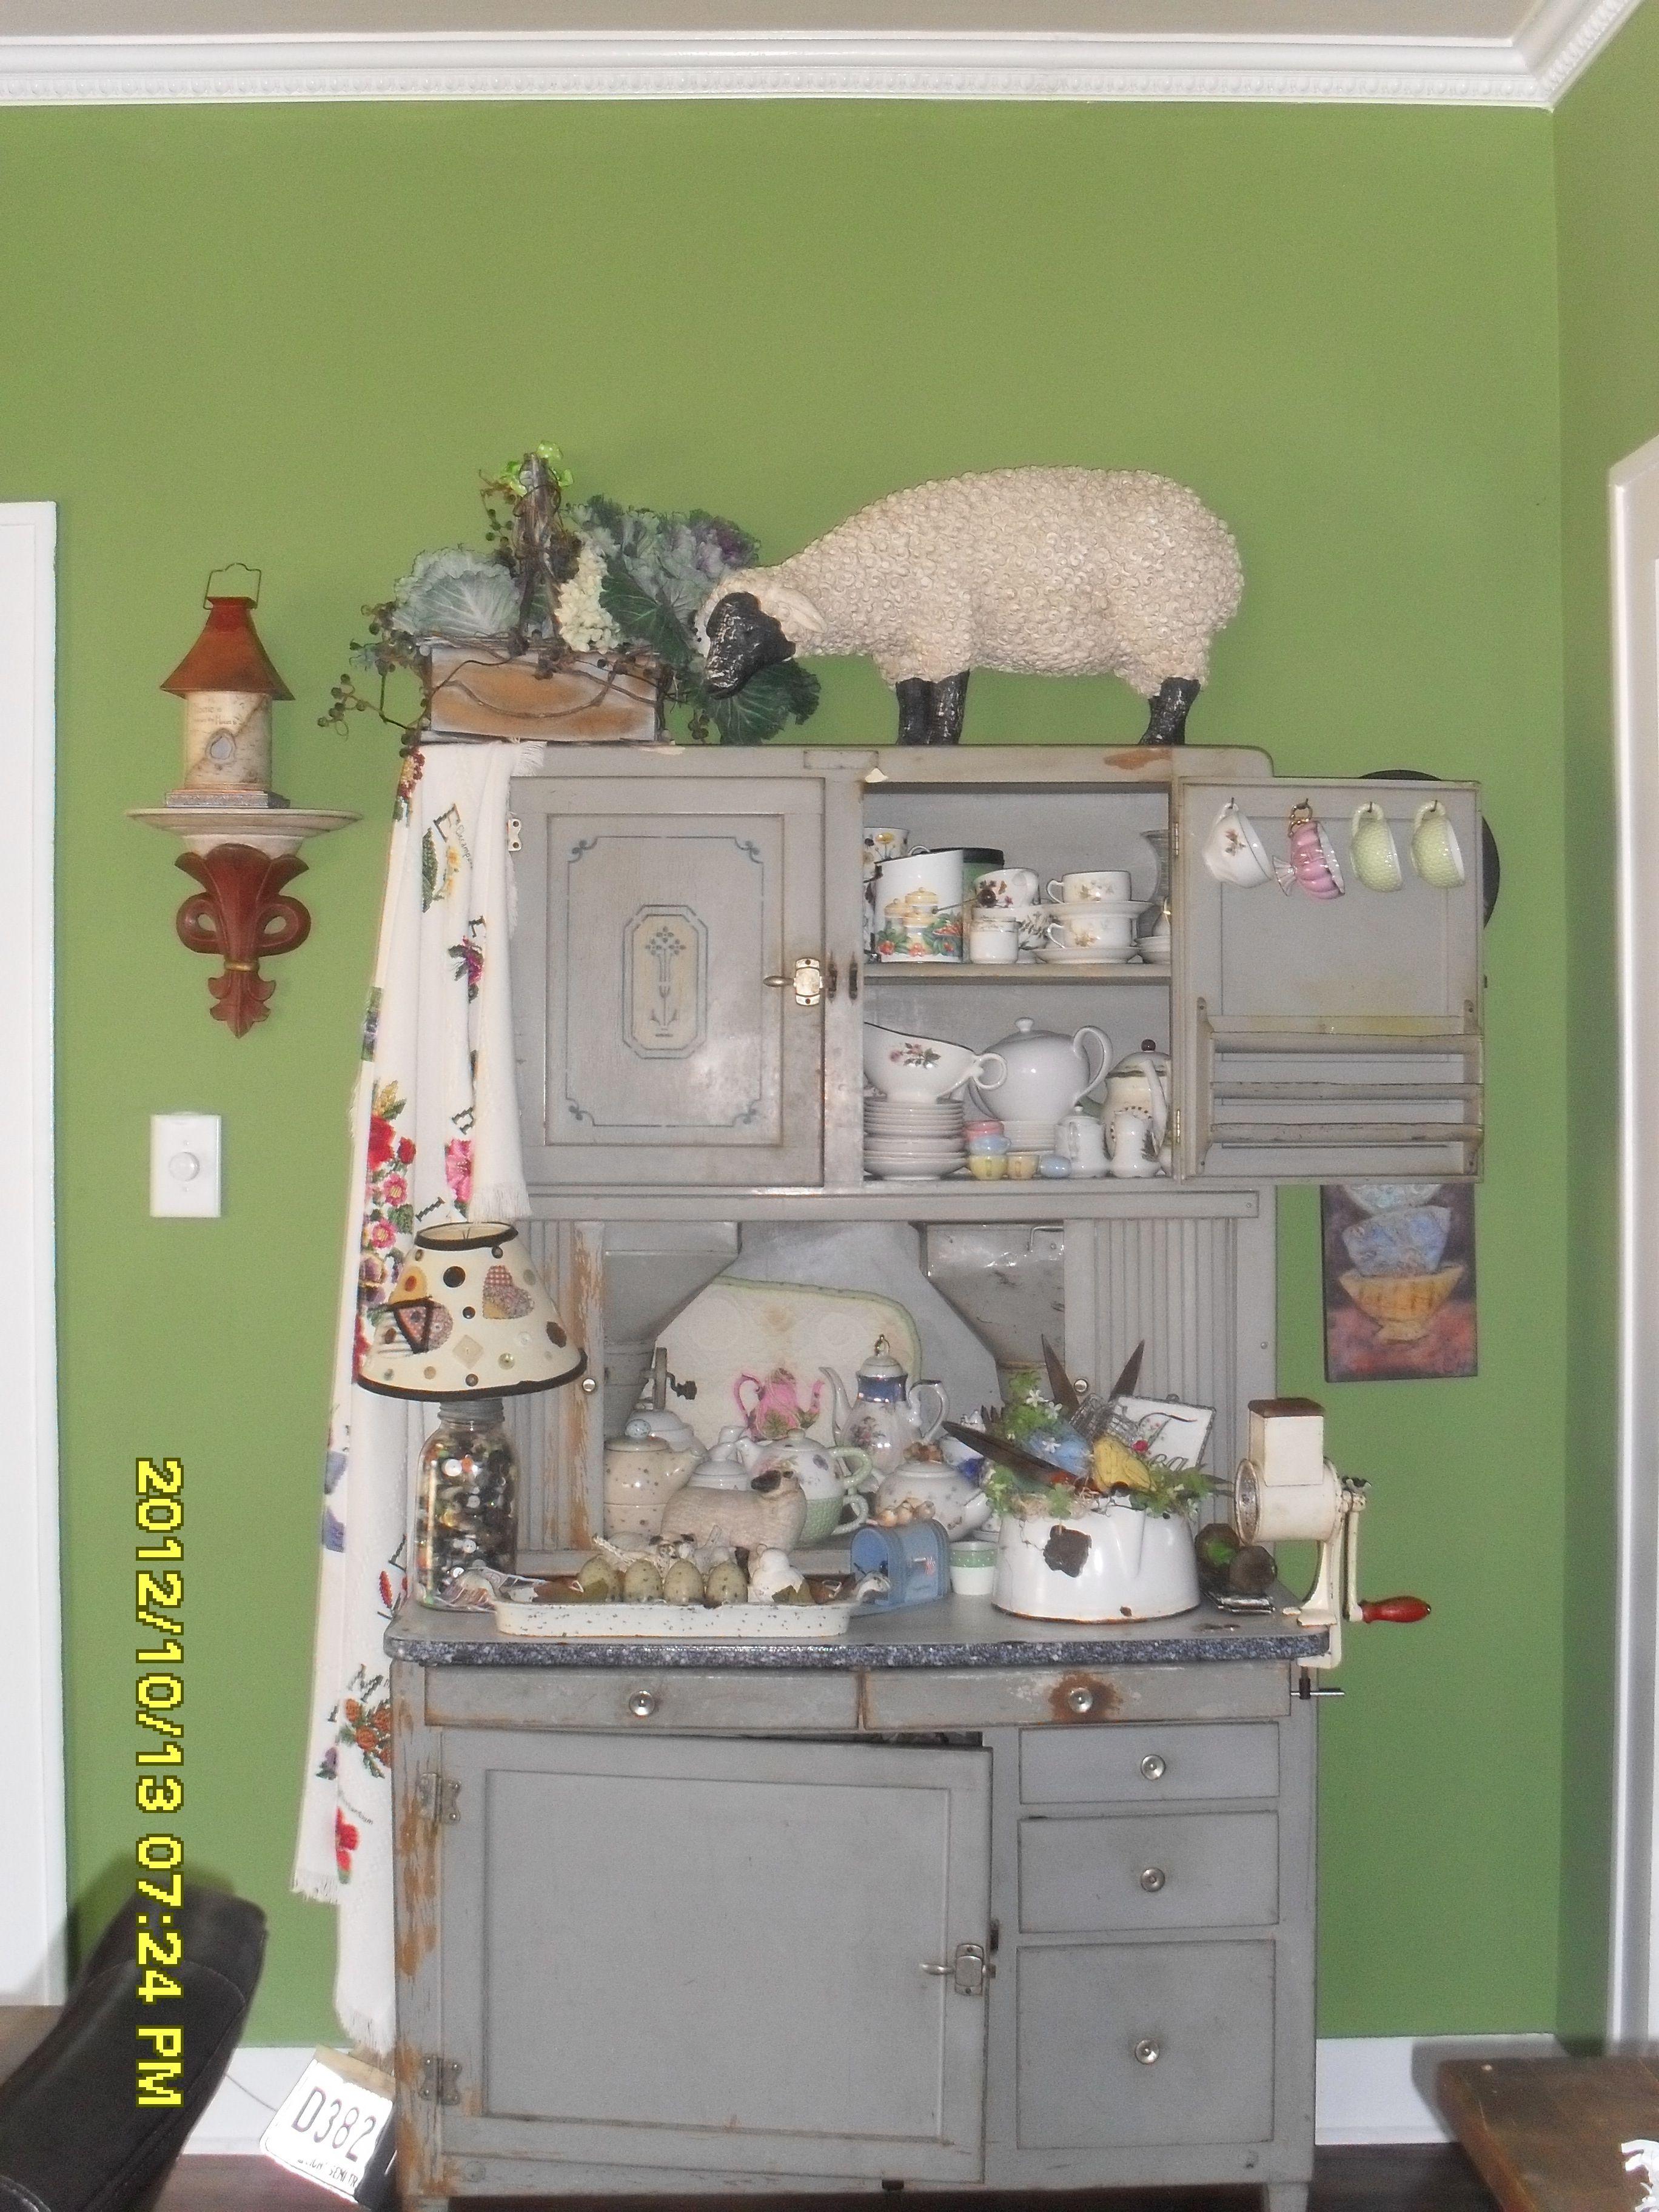 Best Kitchen Gallery: Hoosier Kitchen Cupboard Original Paint And Stencils If You Look of Kitchen Cabinet Stencils on rachelxblog.com